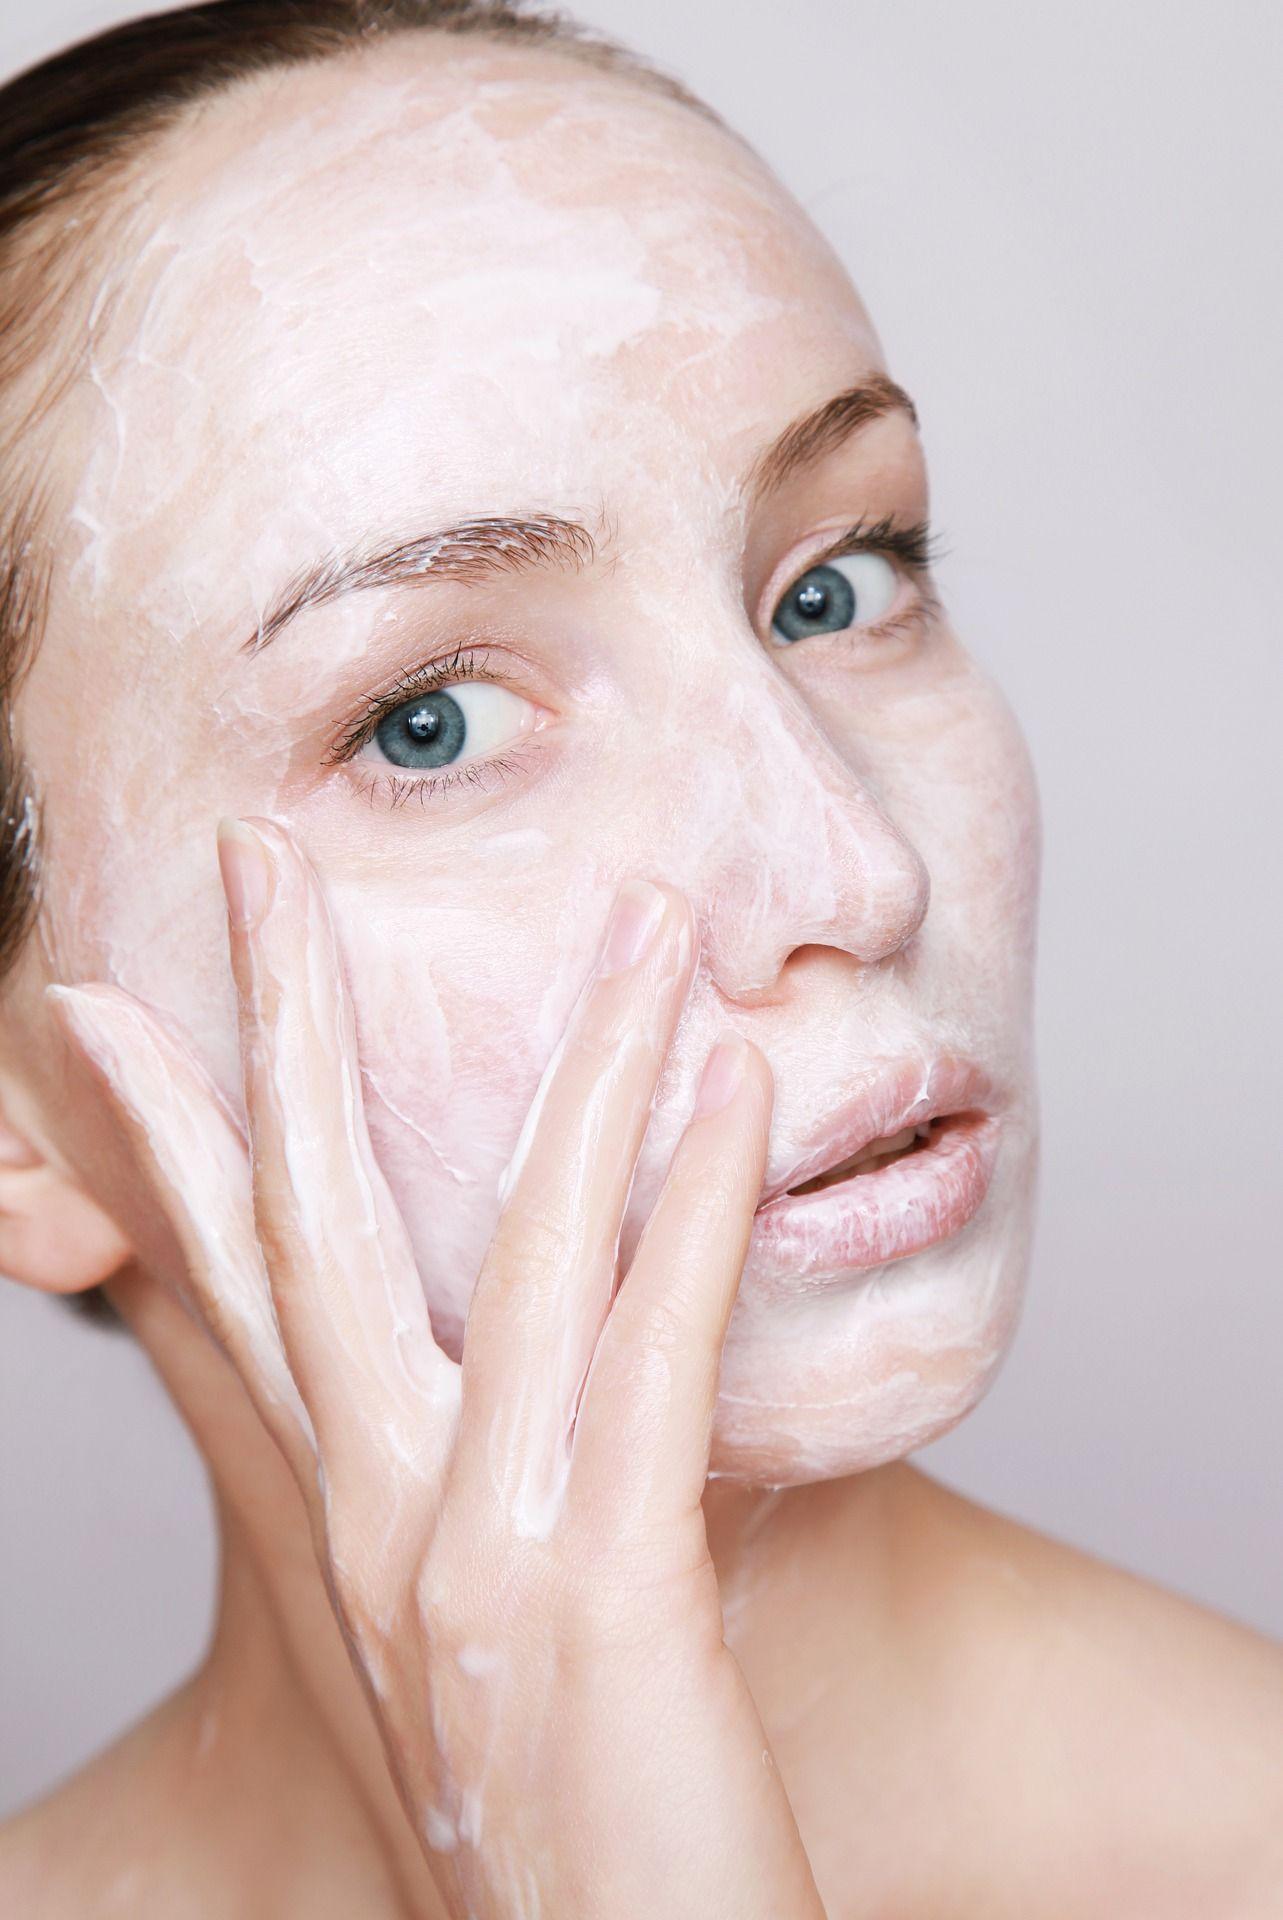 Зимой кожу лица защищает питательный крем